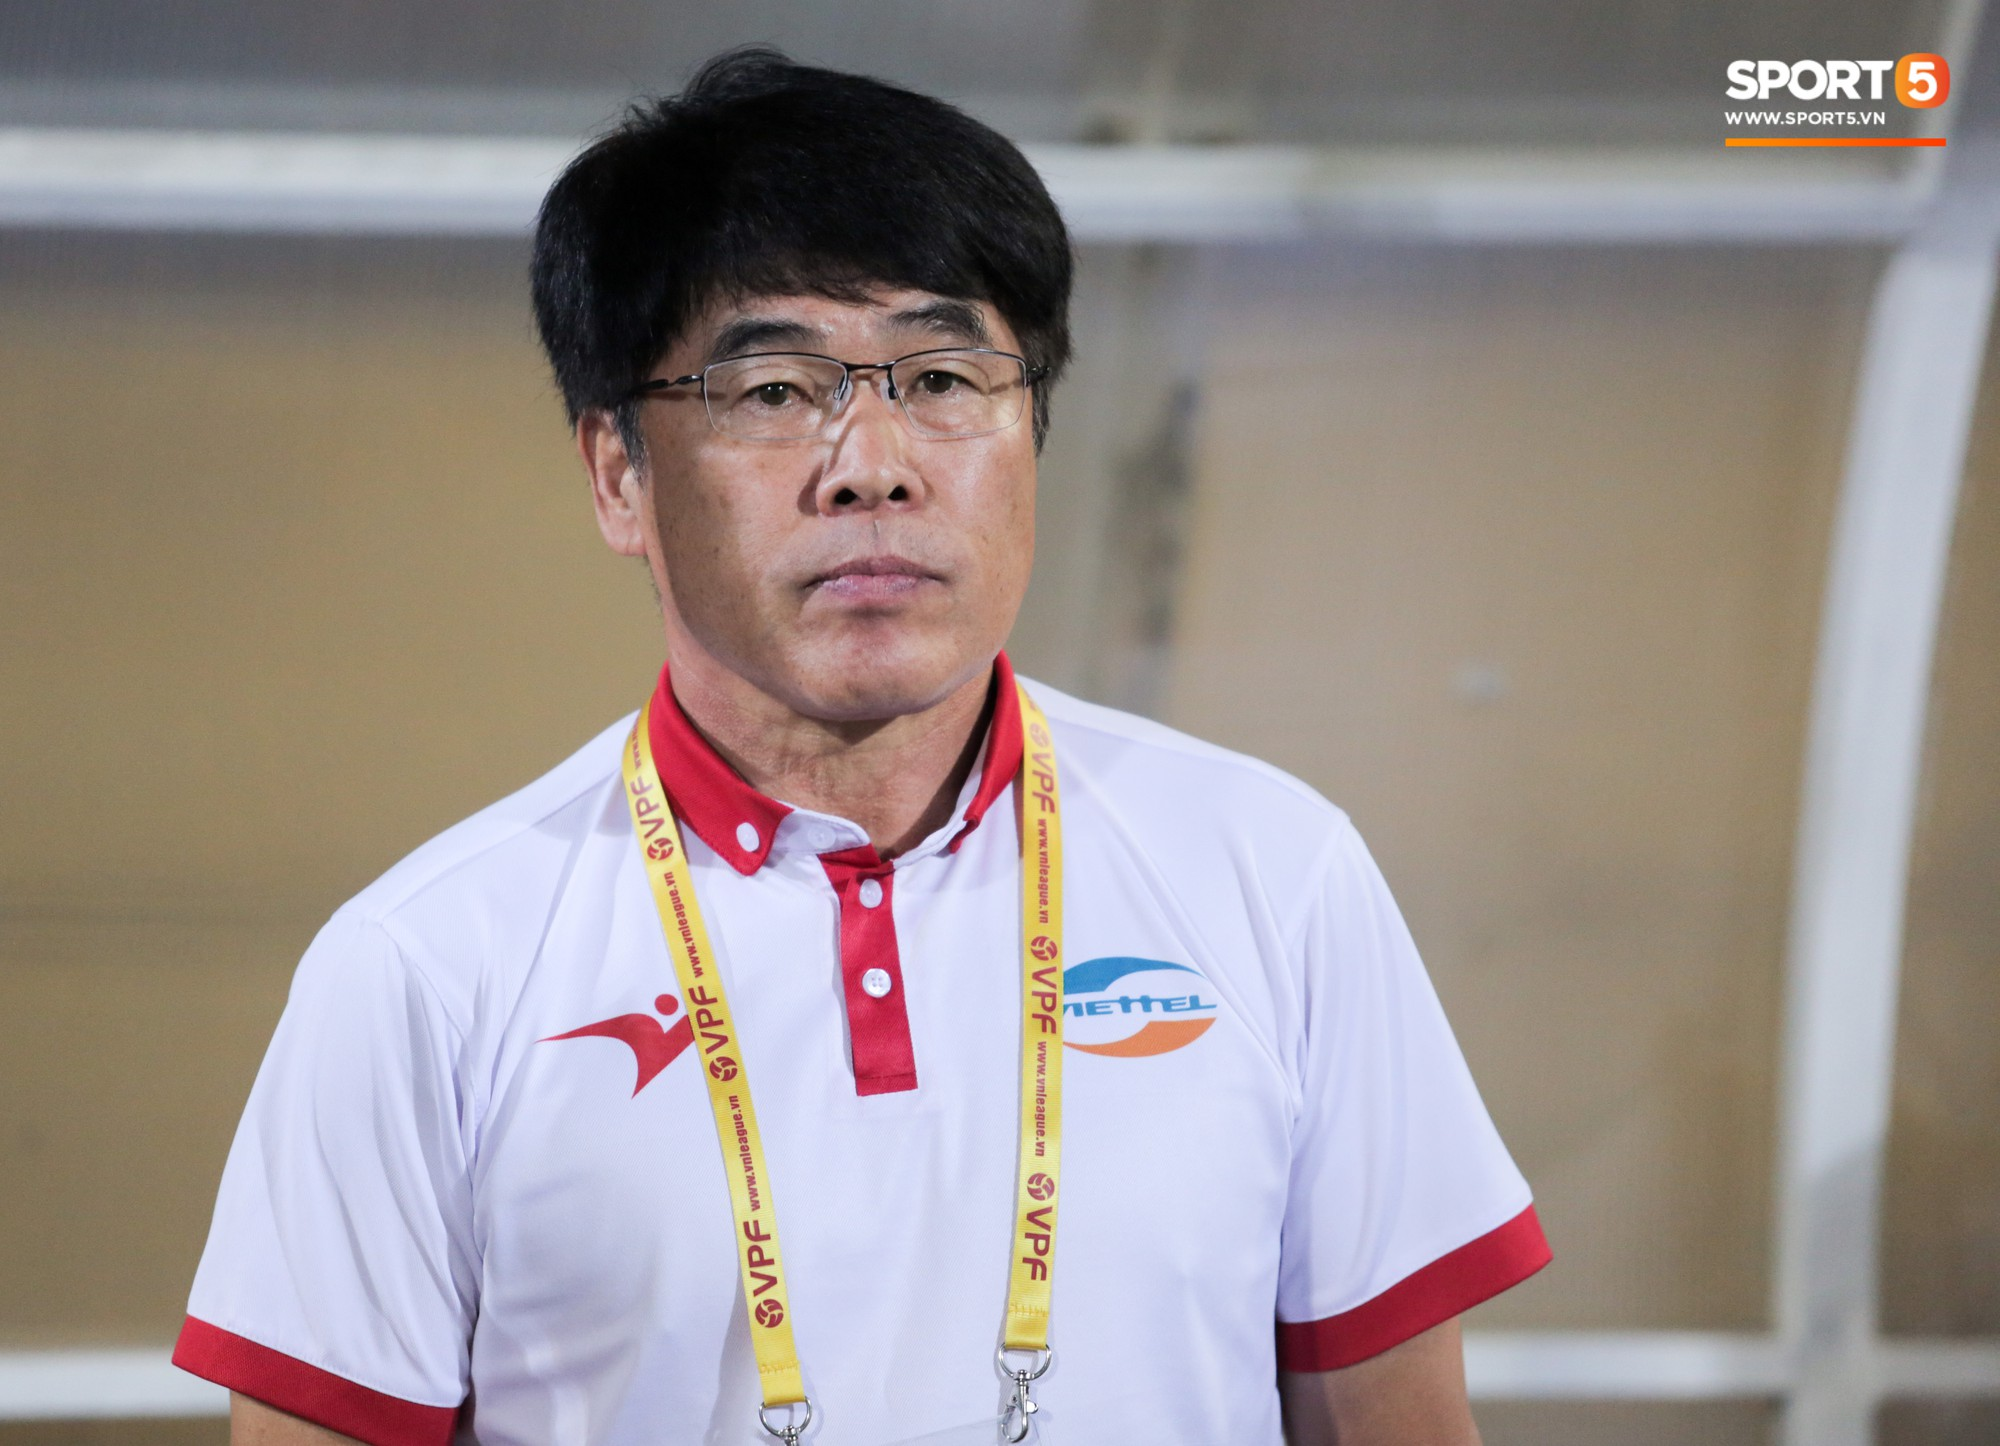 Vừa về Việt Nam, Quế Ngọc Hải, Tiến Dũng nhận tin không vui trước vòng 13 V.League 2019 - Ảnh 1.